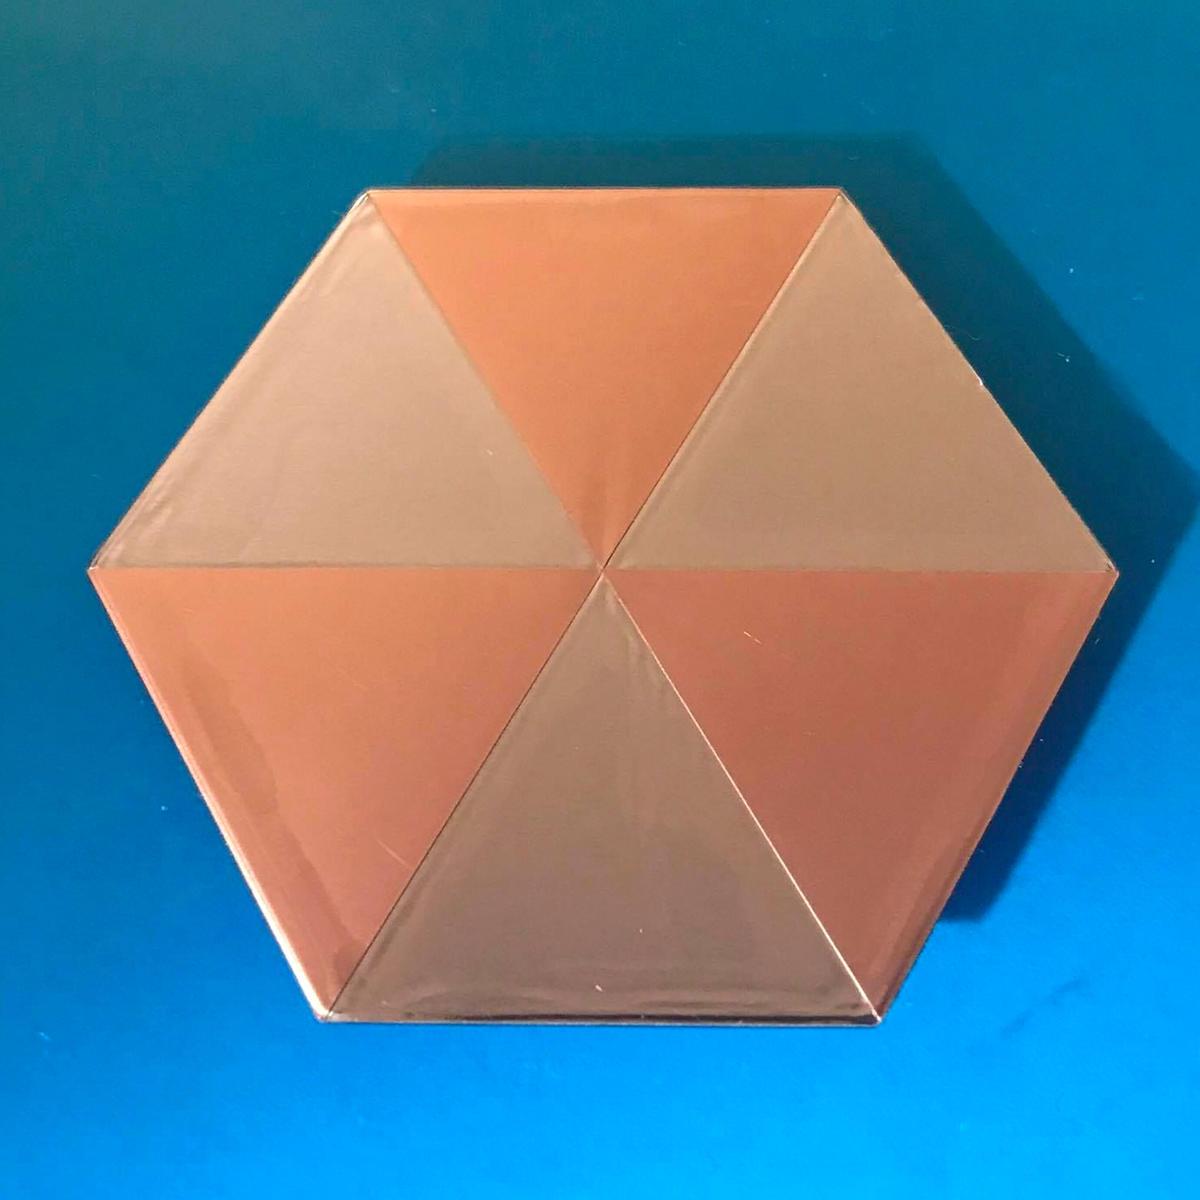 三角形 の 無料 歪ん だ 和